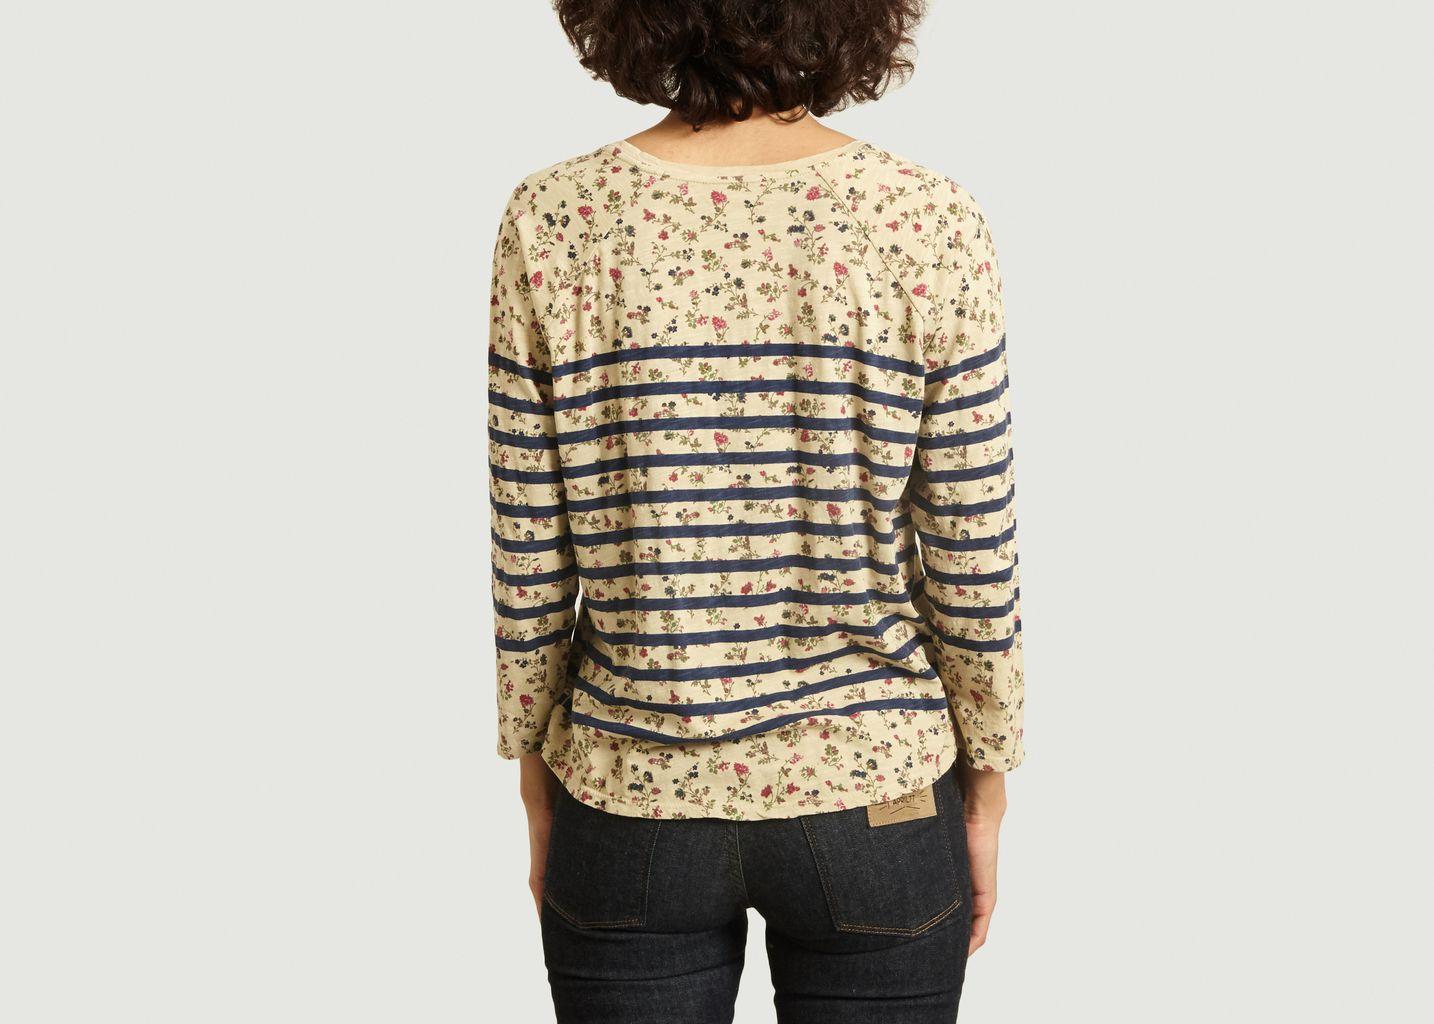 T-shirt manches 7/8e Tumtum Jardin - Leon & Harper